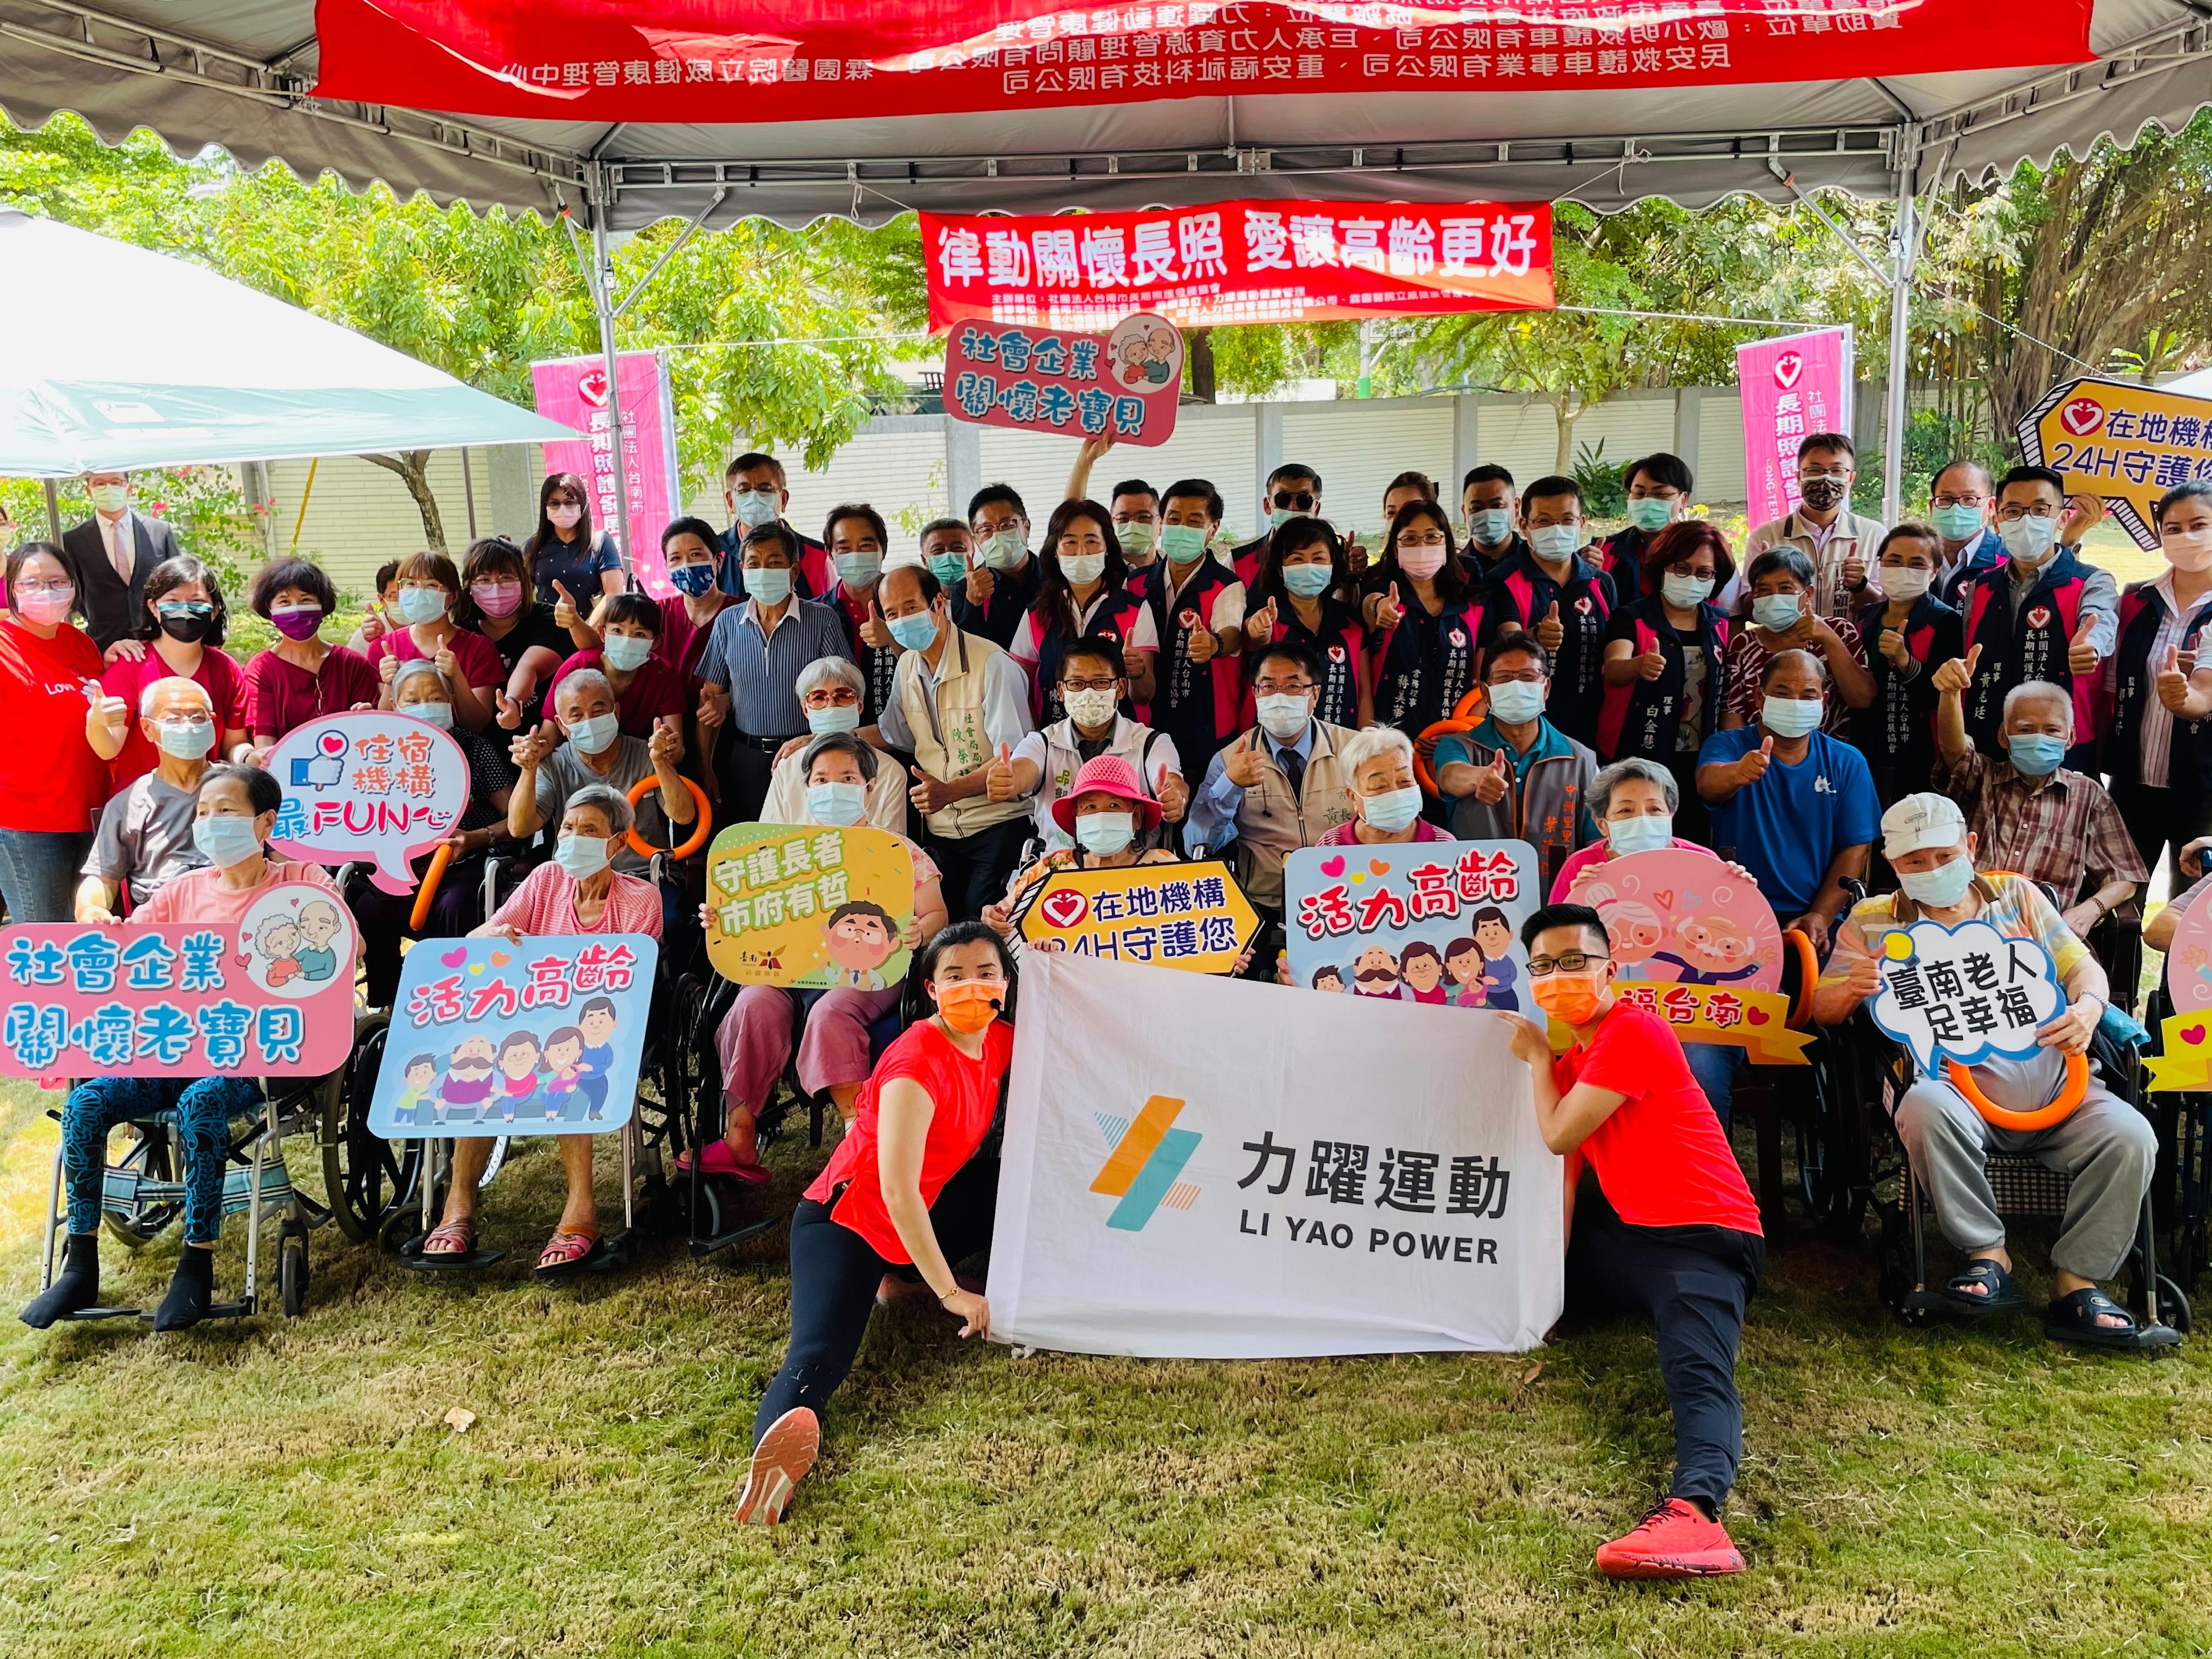 南市社會局聯結臺南市長期照護發展協會等民間資源 辦理免費體適能巡迴活動 陪伴機構長輩健康老化